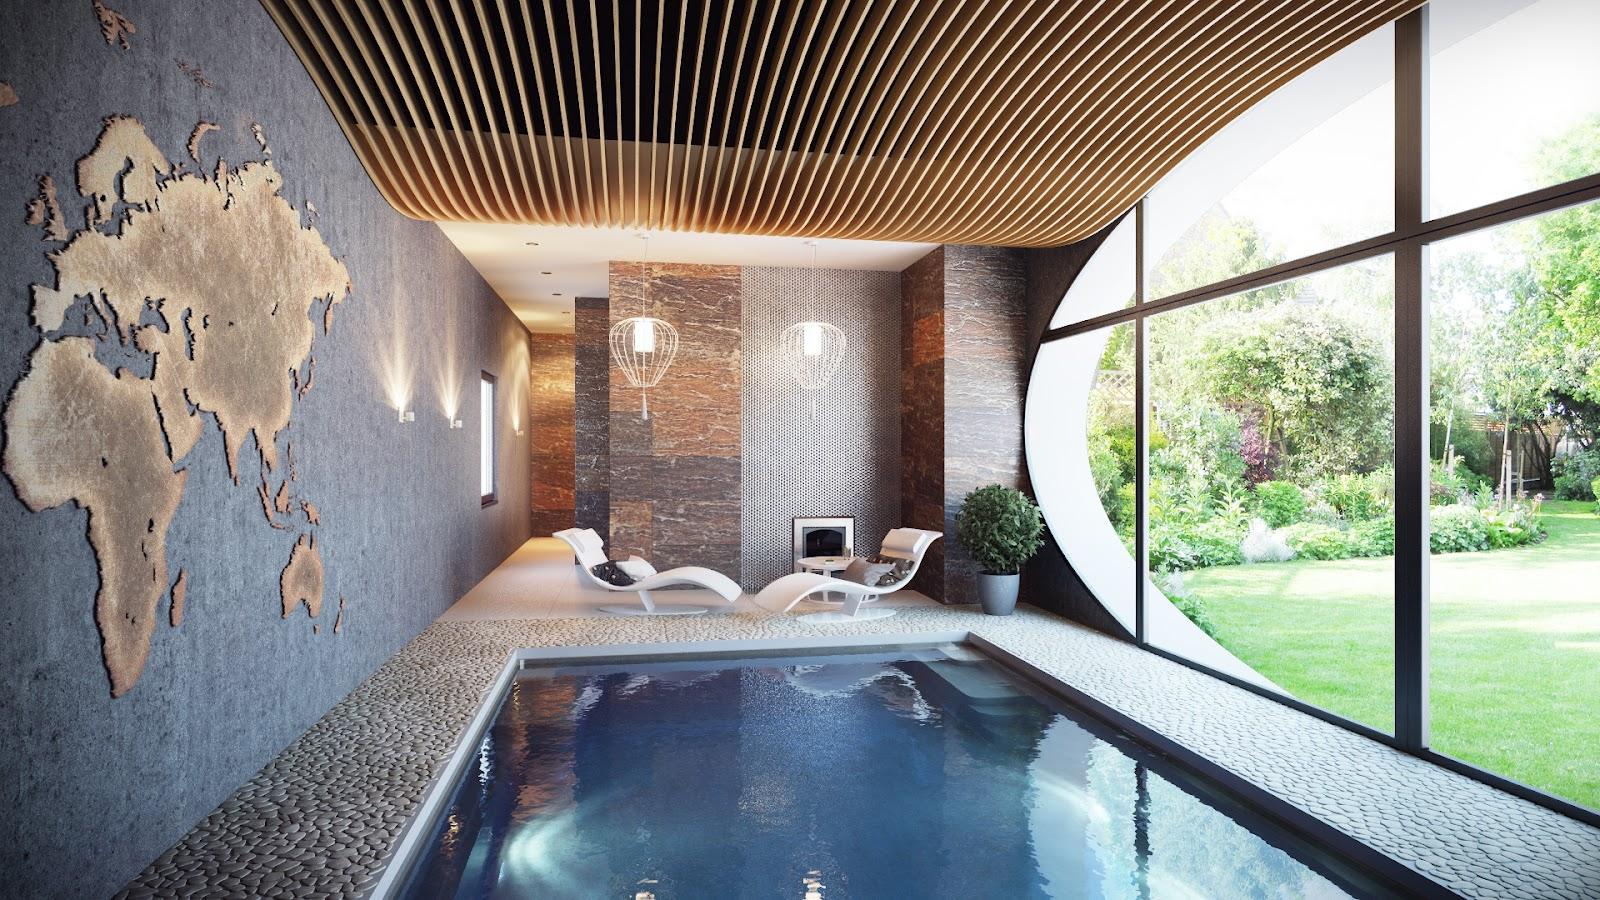 Indoor Swimming Pool Interior Design Ideas